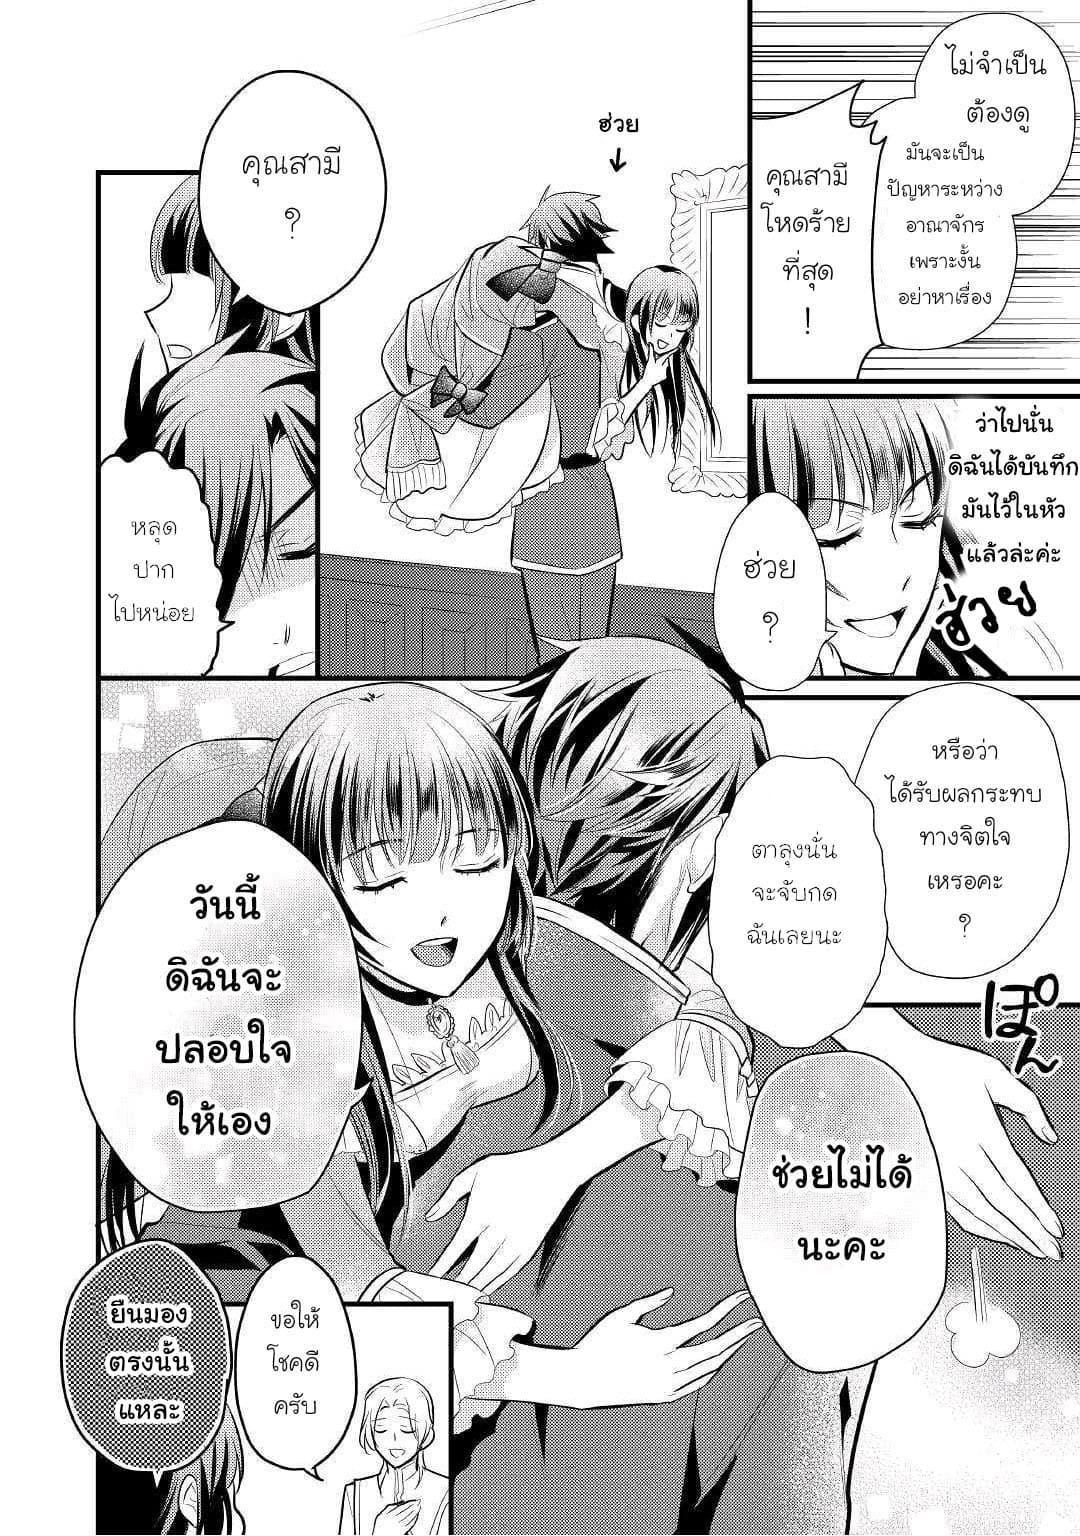 อ่านการ์ตูน Daites Ryou Koubouki ตอนที่ 17 หน้าที่ 28